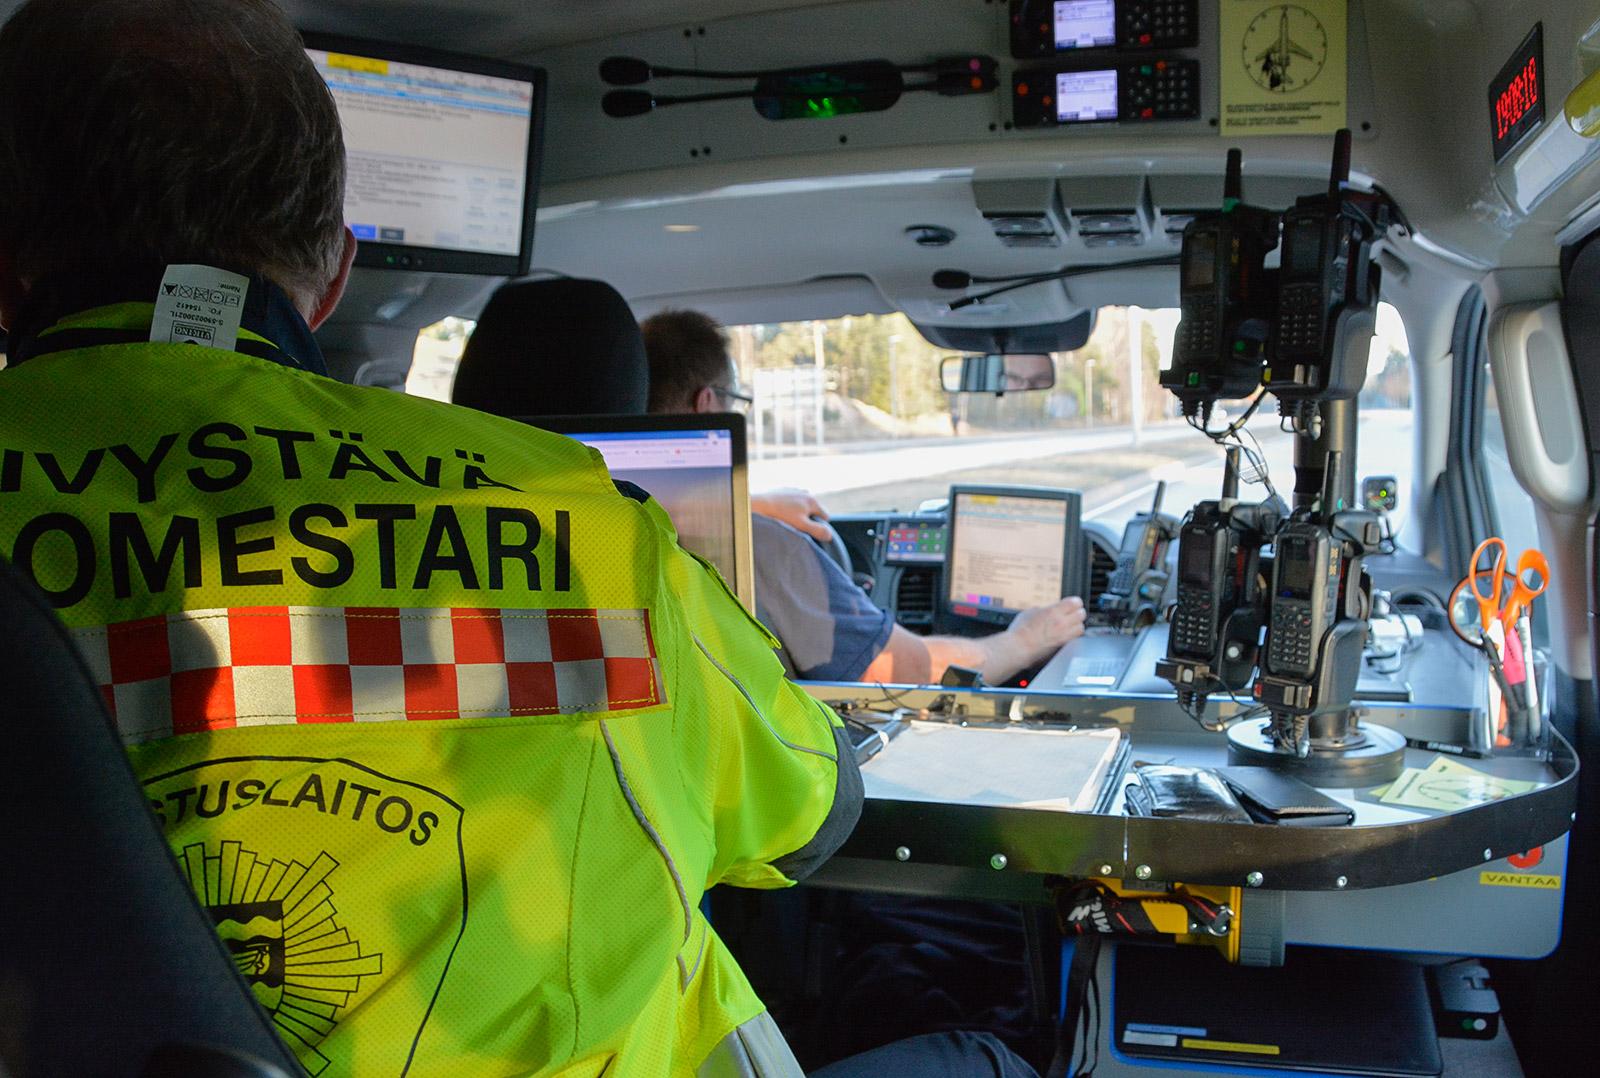 Tietopankki on hyvä työkalu tilanne- ja johtokeskuksiin, johtoautoihin ja pelastusyksiköihin, sekä sopimuspalokuntien ryhmänjohtajille, jos pelastusviranomainen ei tule kohteeseen.